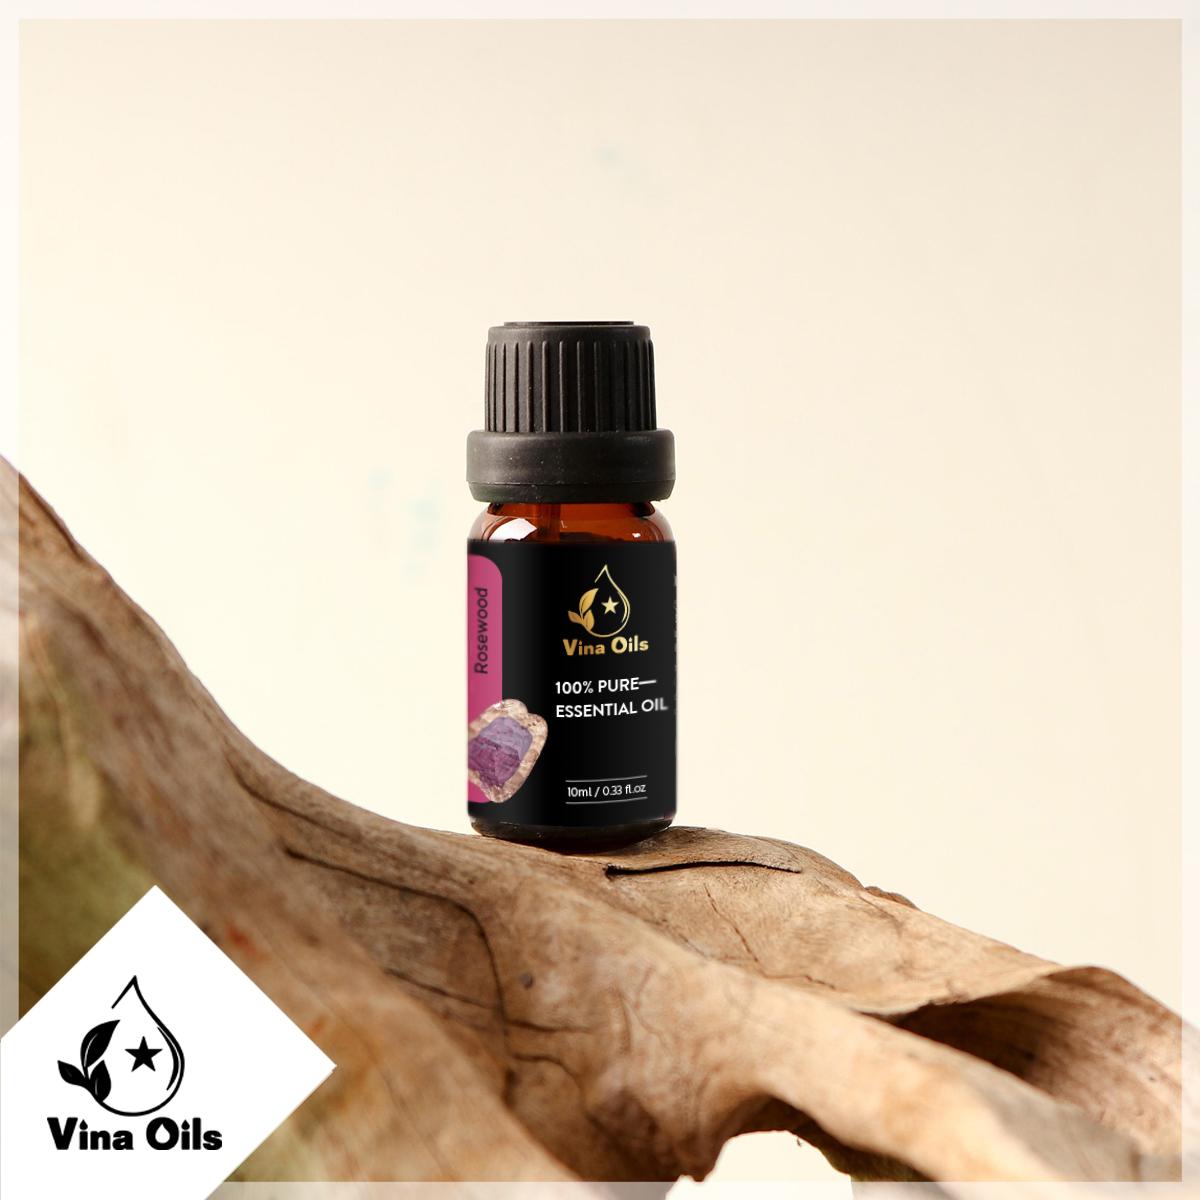 Tinh Dầu Gỗ Hồng Vina Oils 10ml - Rosewood Essential Oil 10ml -  Được Chiết Xuất Từ Thiên Nhiên Nguyên Chất - Mang Lại Cảm Giác An Tâm, Giảm Stress, Giúp Ngủ Ngon, Trẻ Hóa Làn Da Và Tăng Kích Thích Ham Muốn